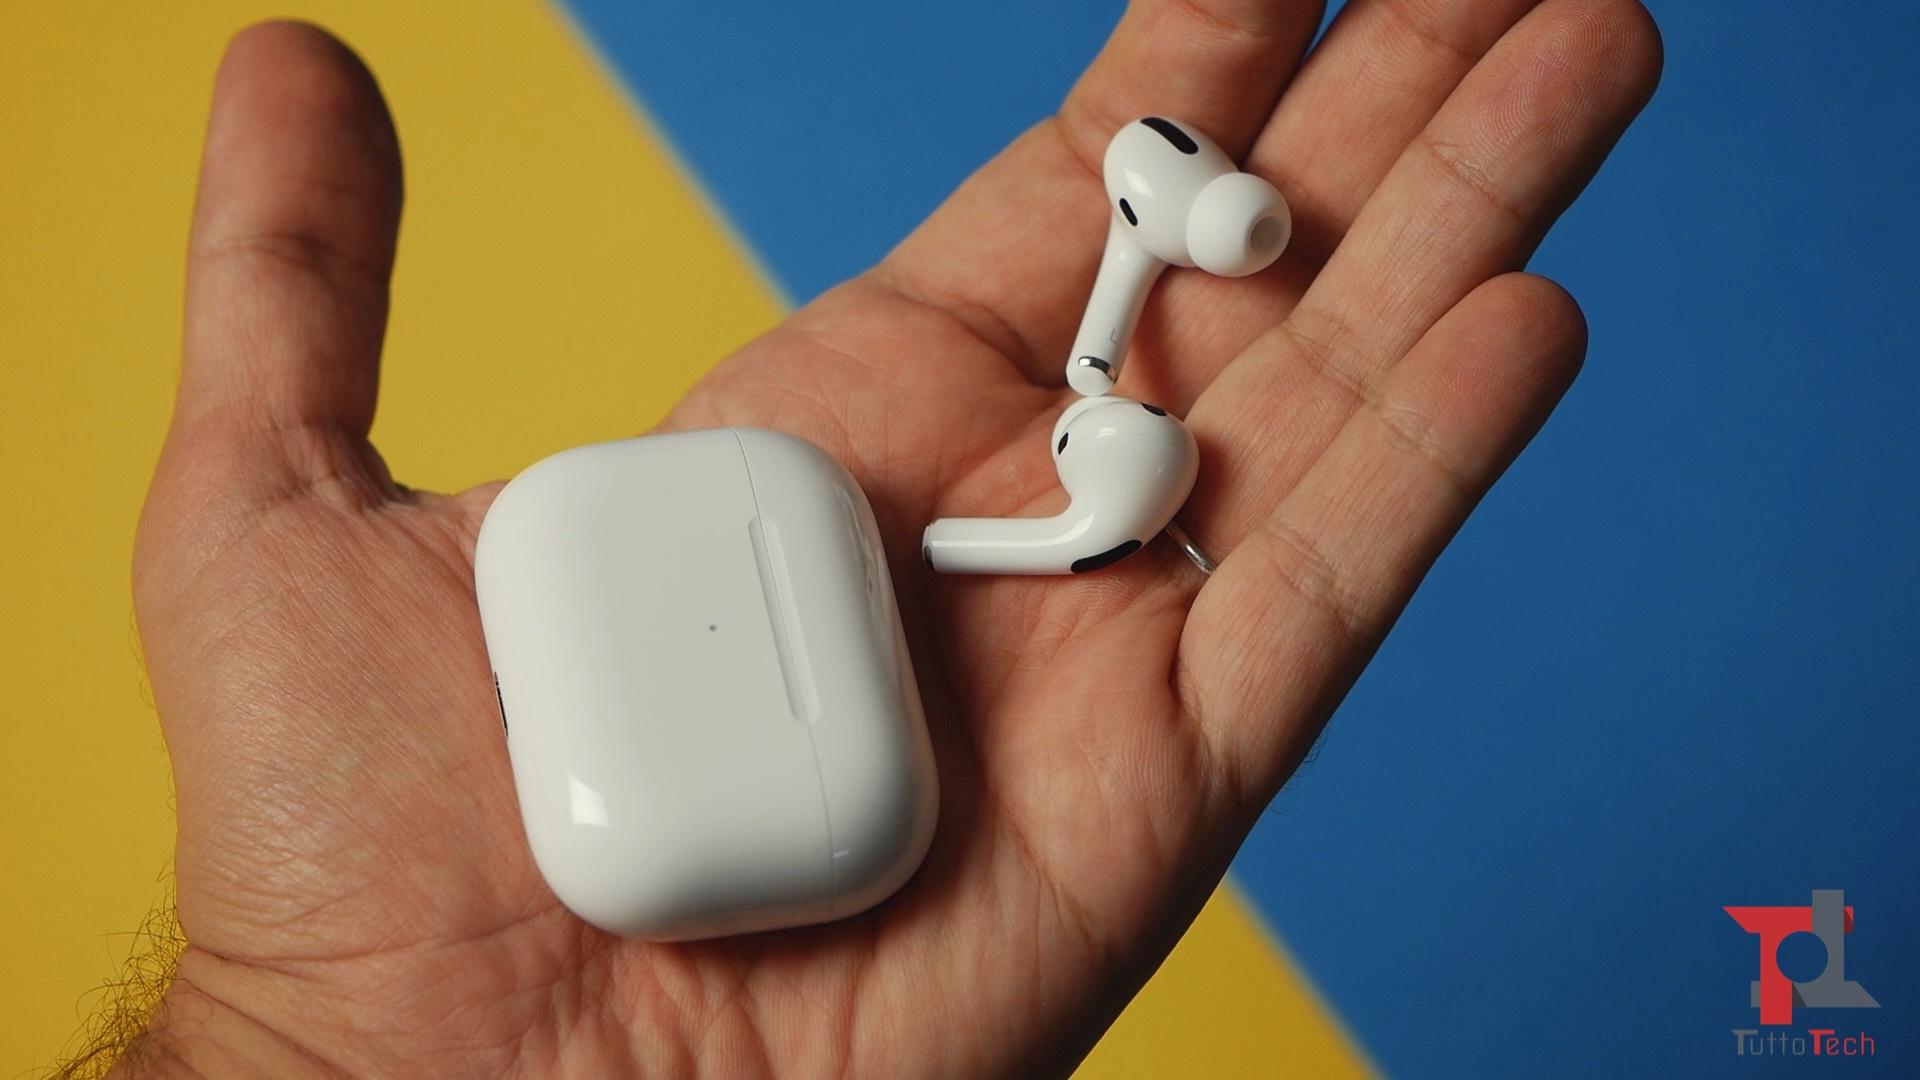 Recensione AirPods Pro: Apple sposta in avanti l'asticella 1